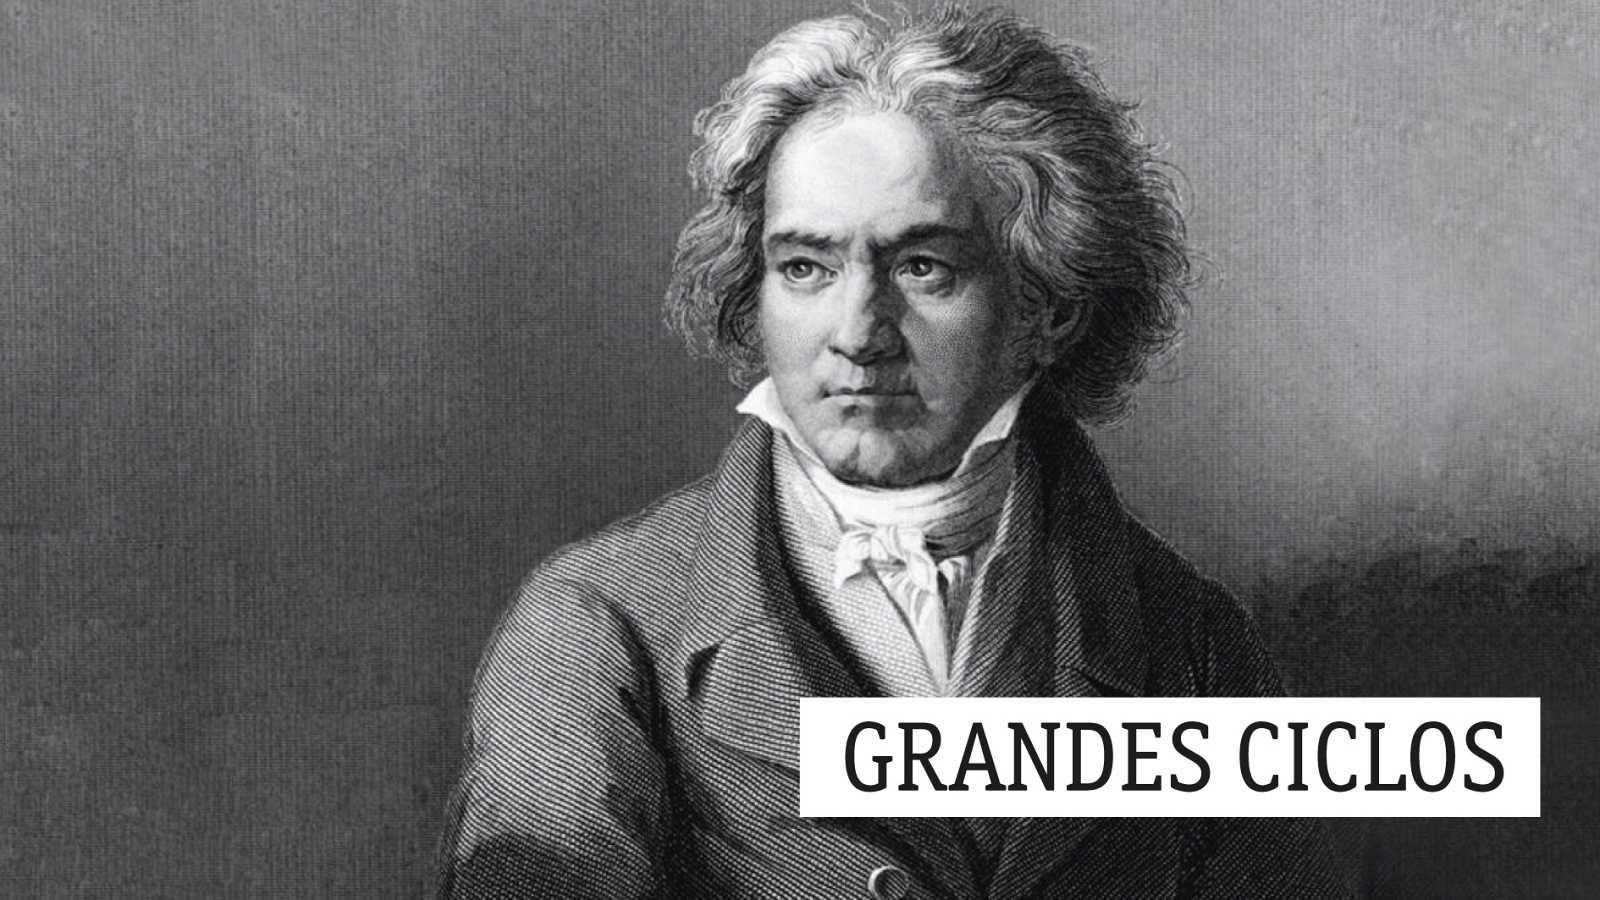 Grandes ciclos - L. van Beethoven (C): A la luz de la especulación intelectual - 06/10/20 - escuchar ahora